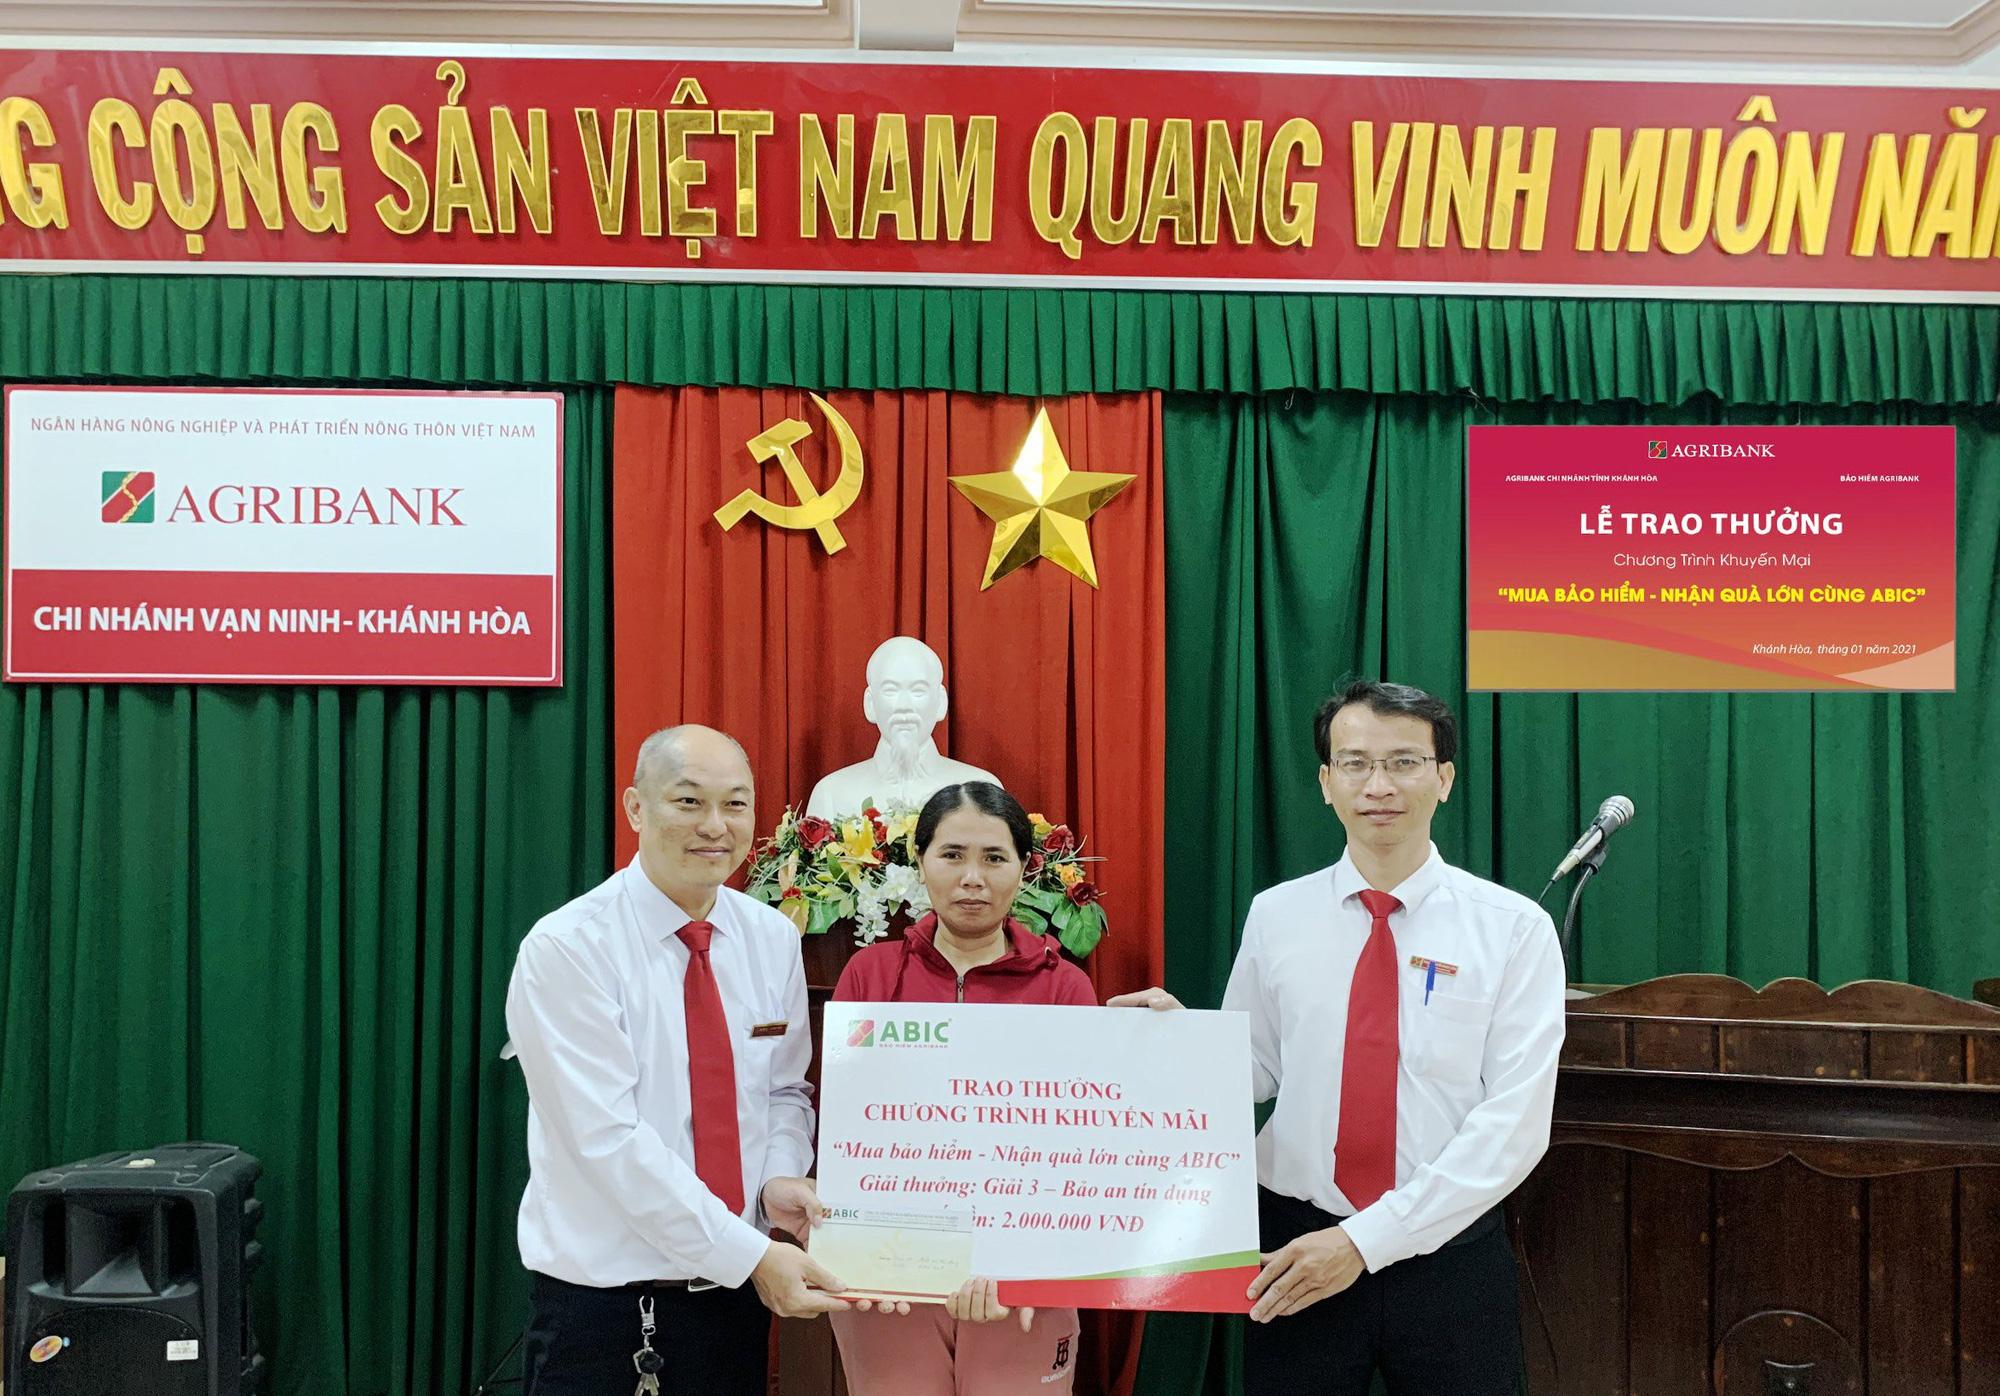 Bảo hiểm AgriBank Khánh Hòa đã chi trả 1,4 tỷ đồng cho khách hàng  - Ảnh 1.